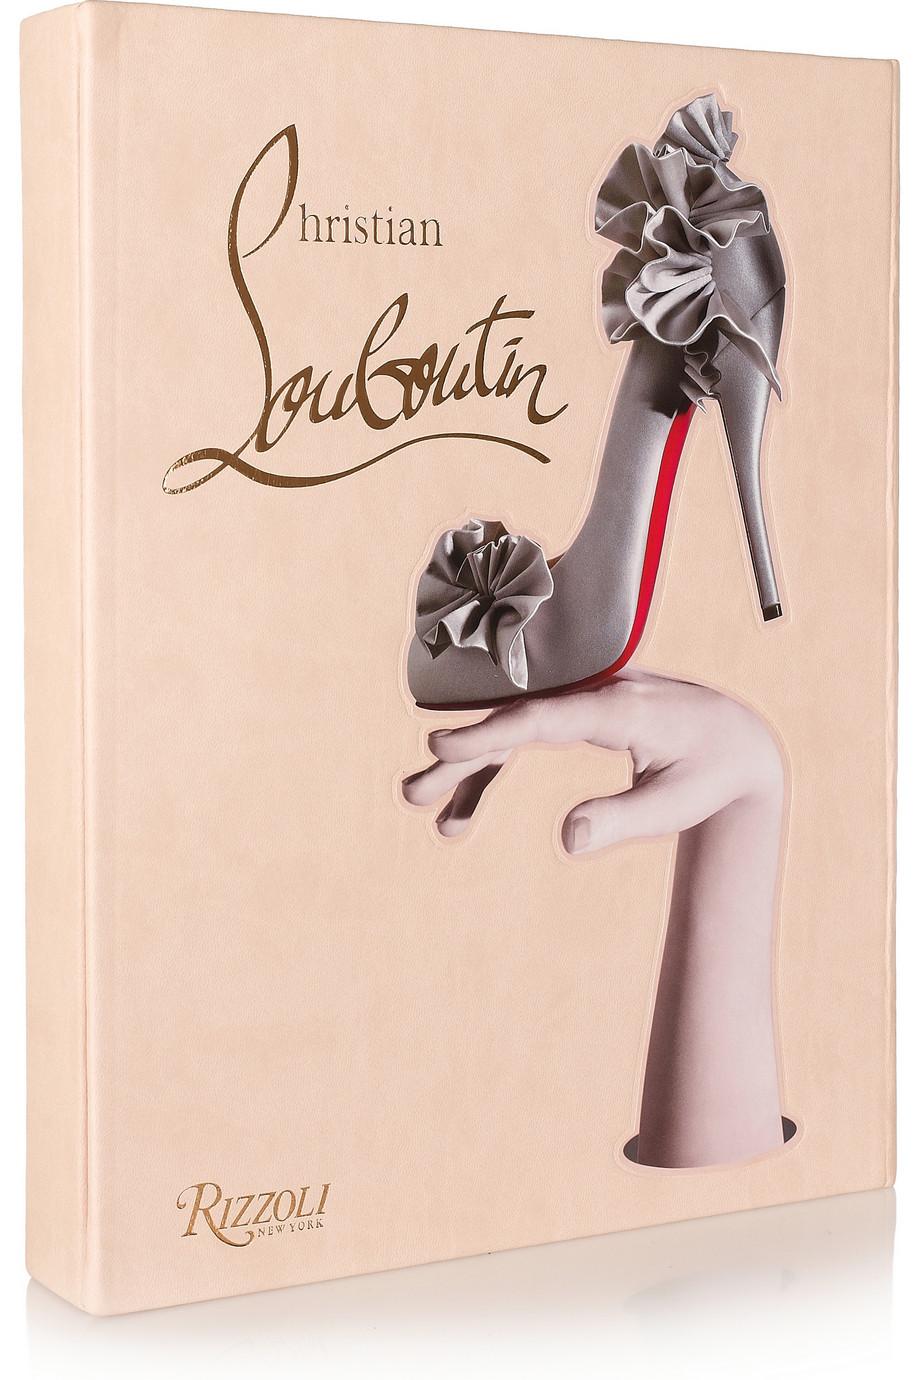 Christian Louboutin Rizzoli Book